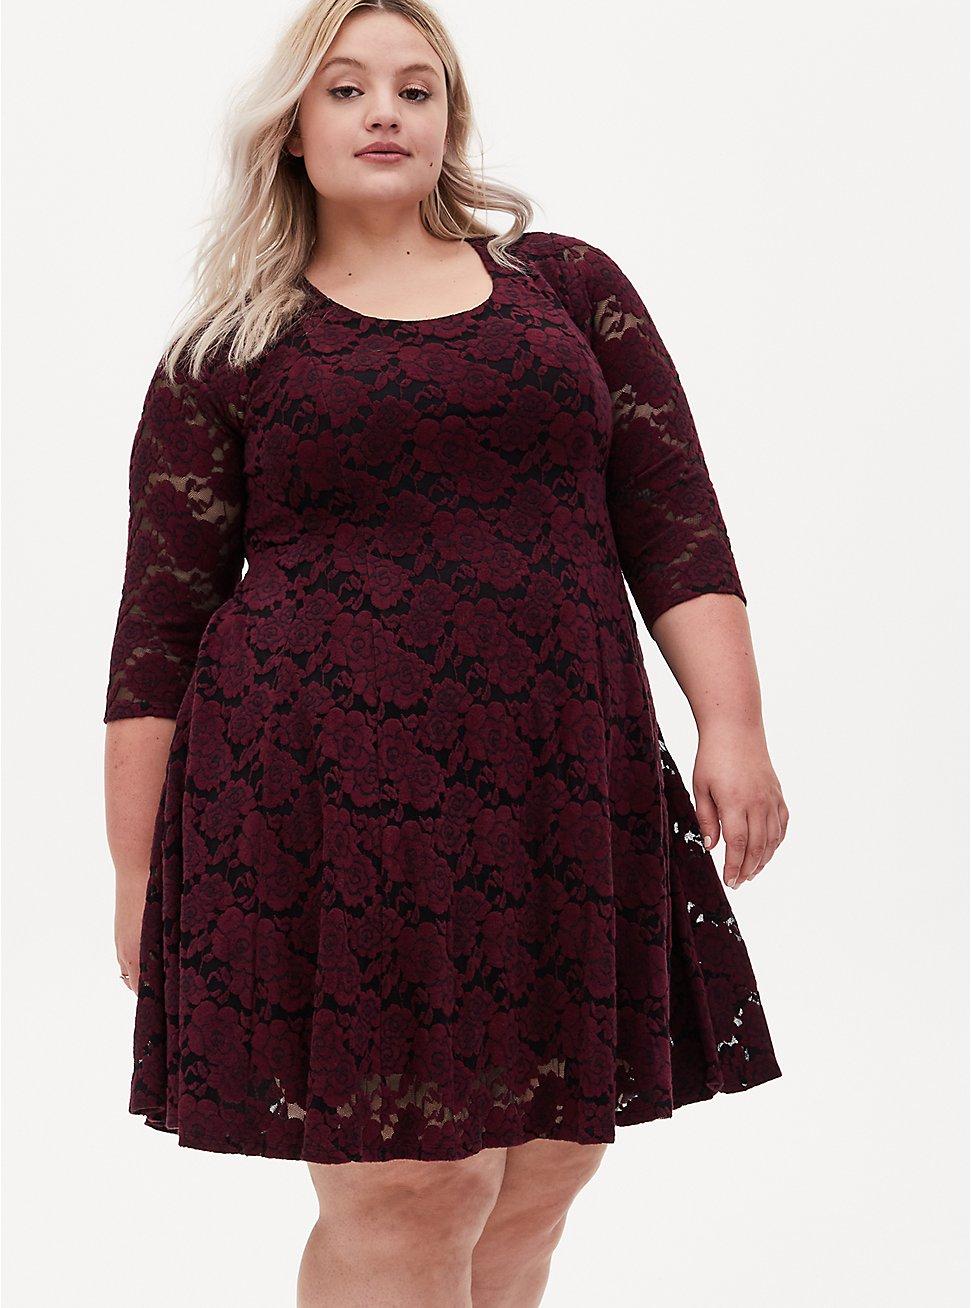 Burgundy Brushed Floral Lace Skater Dress, WINETASTING, hi-res